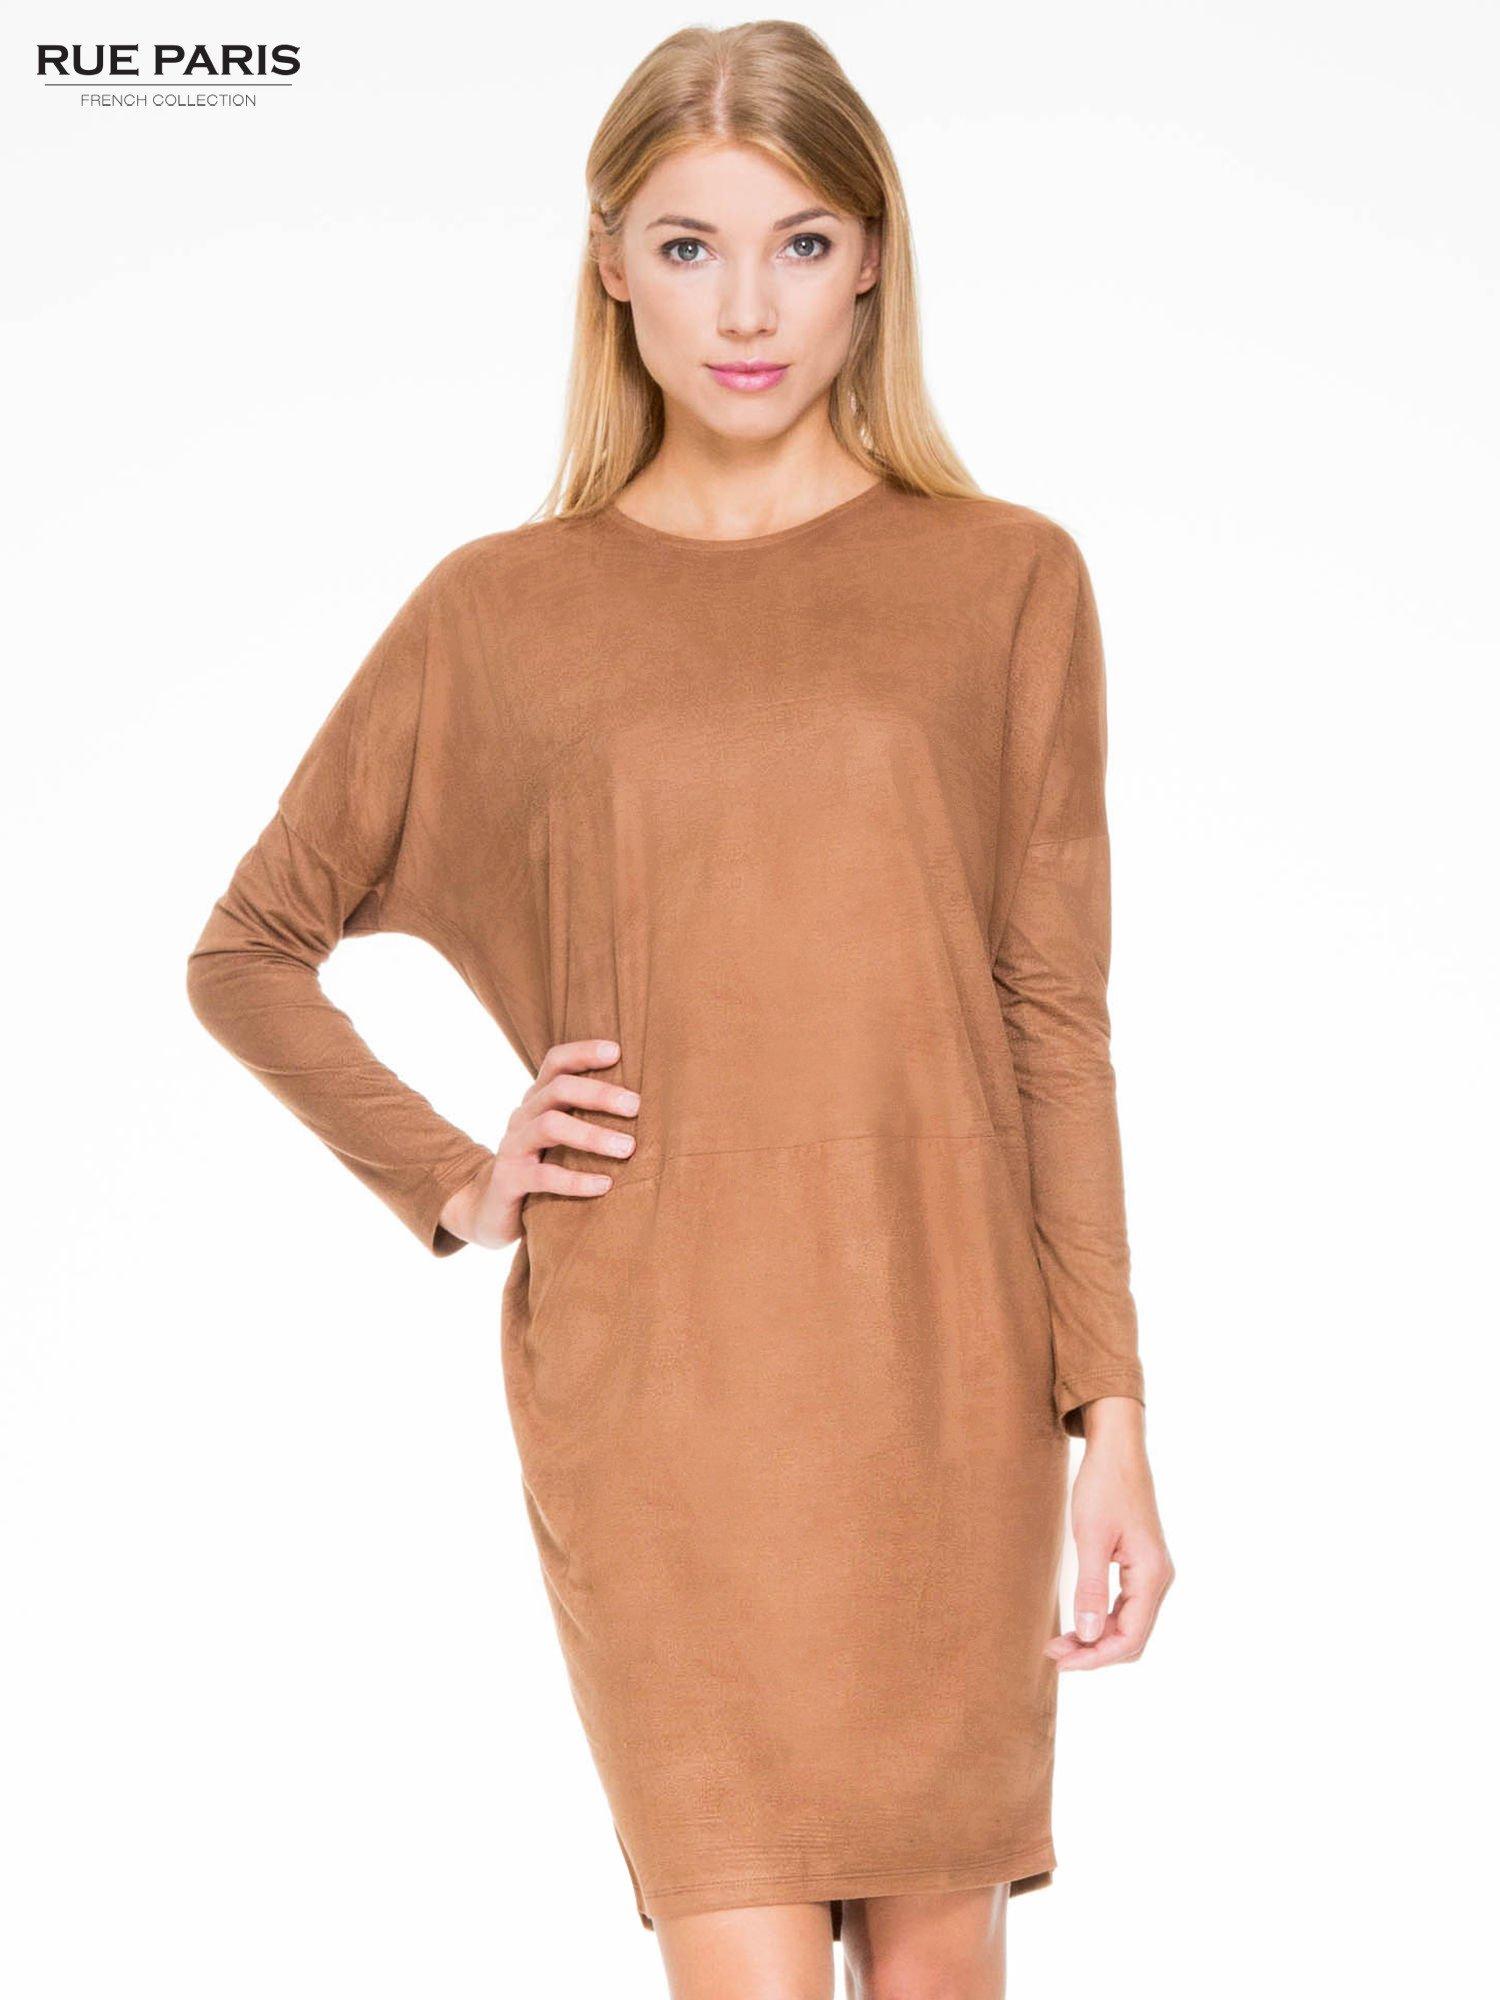 Brązowa zamszowa sukienka z luźnymi rękawami                                  zdj.                                  1